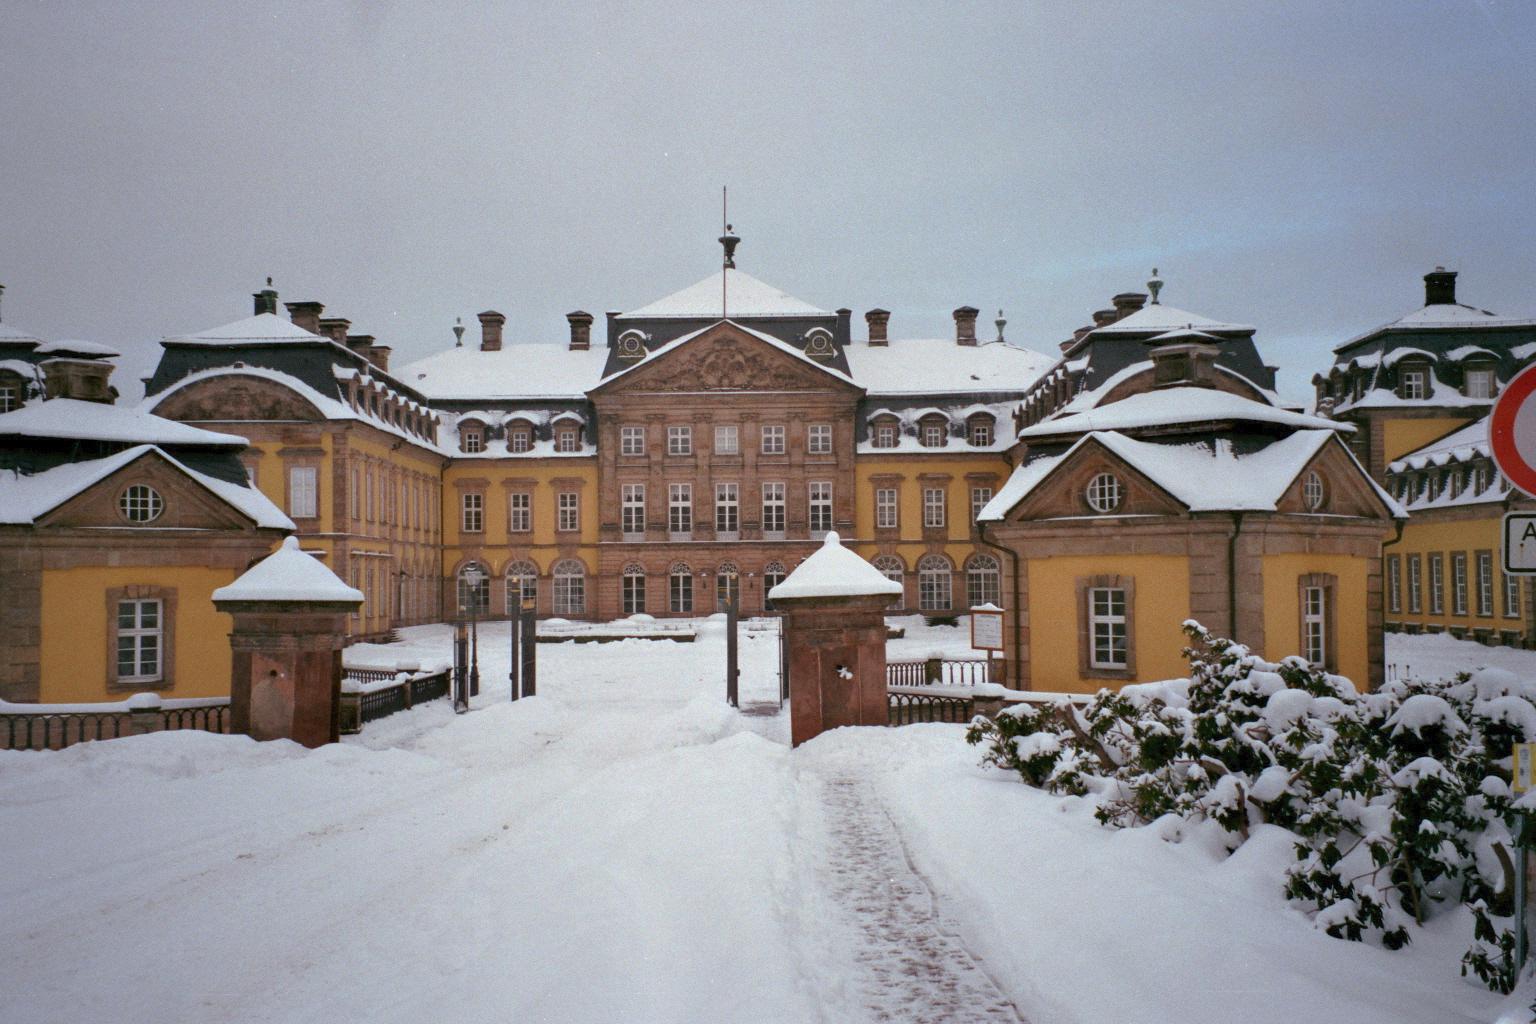 welche deutsche stadt ist die sch nste wenn es endlich schneit deutschland europa winter. Black Bedroom Furniture Sets. Home Design Ideas